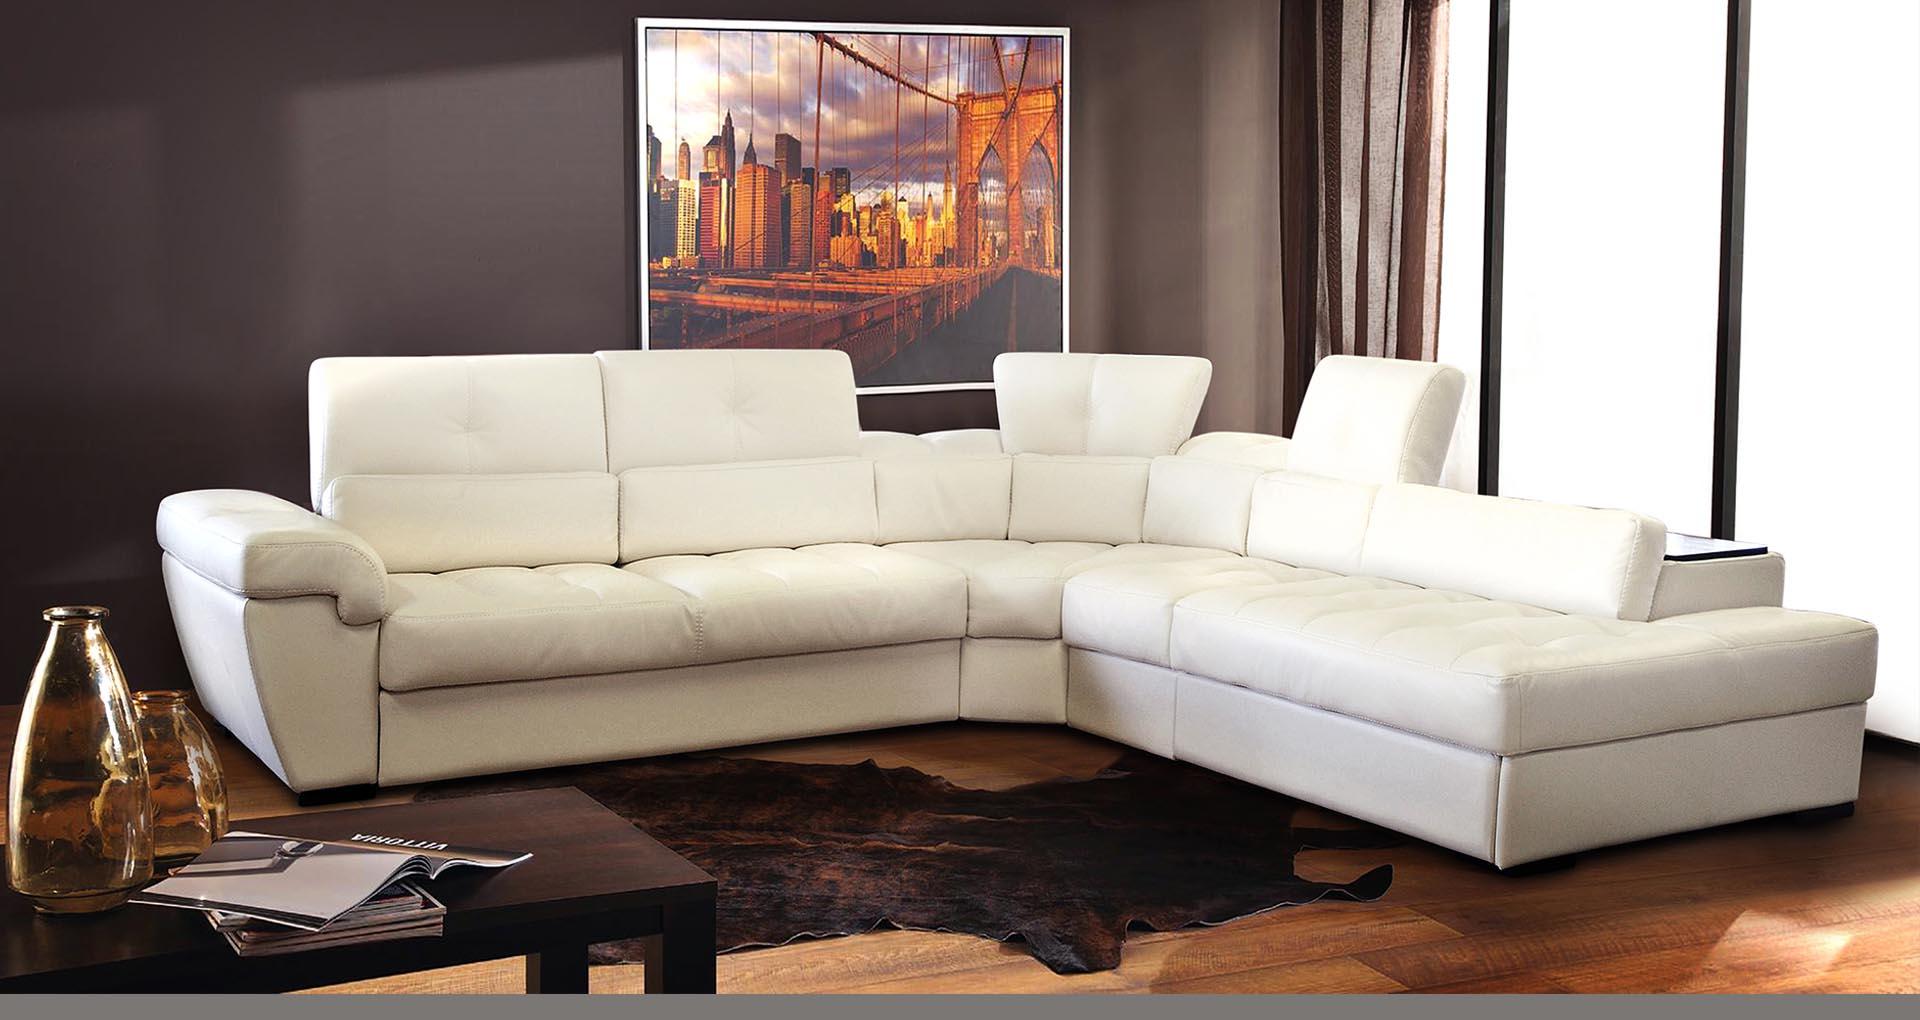 виды андреа мебель отзывы ульяновск адриано хорошо